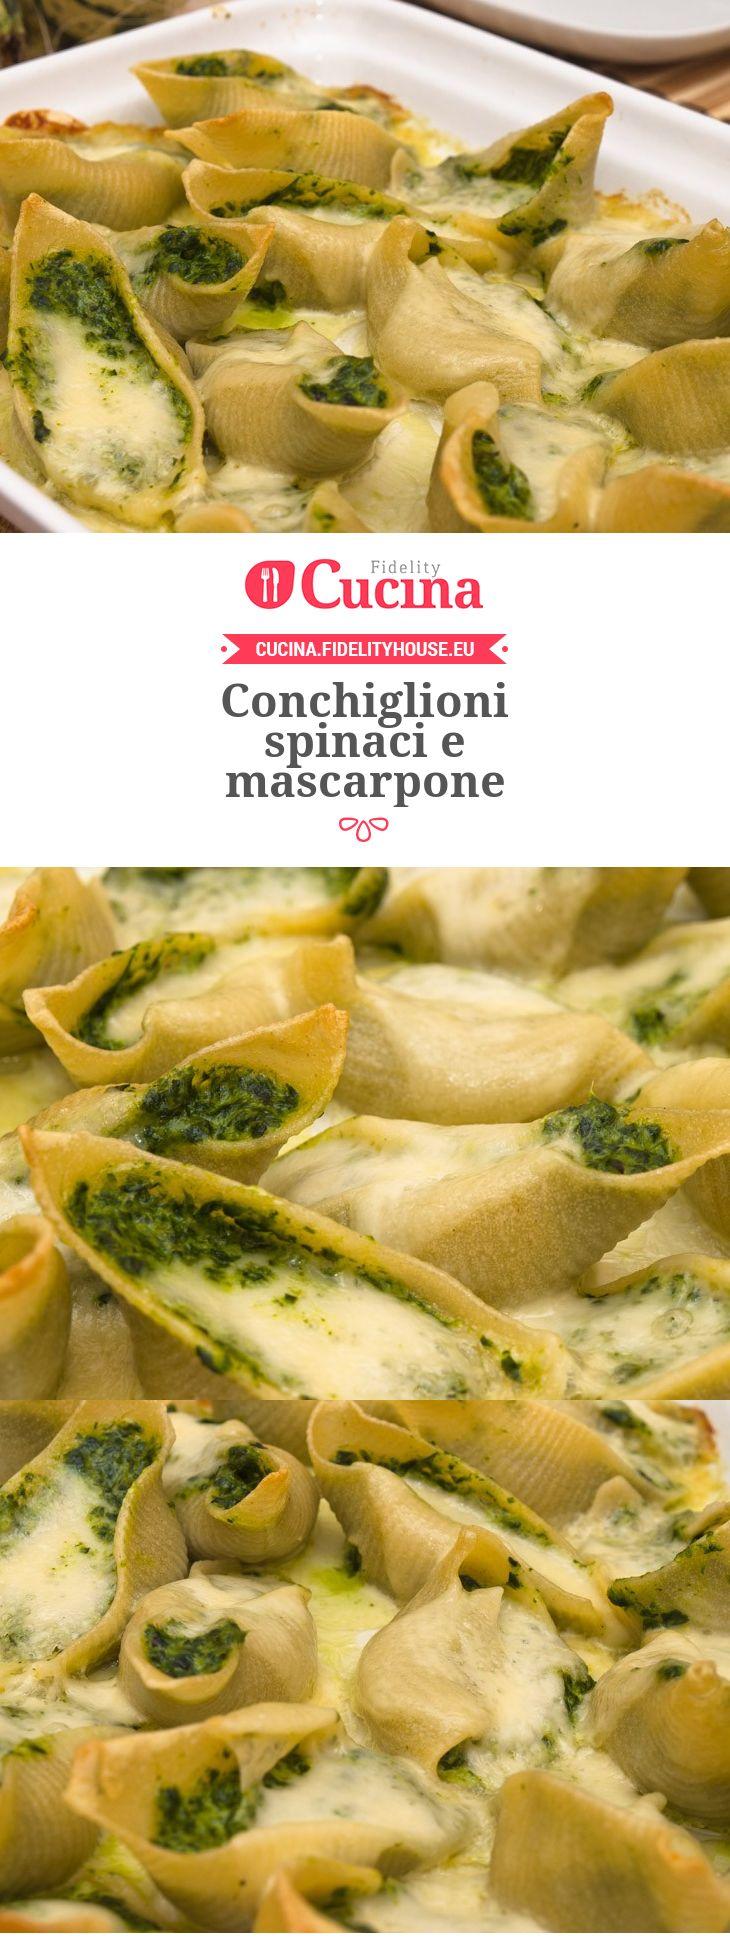 Conchiglioni spinaci e mascarpone